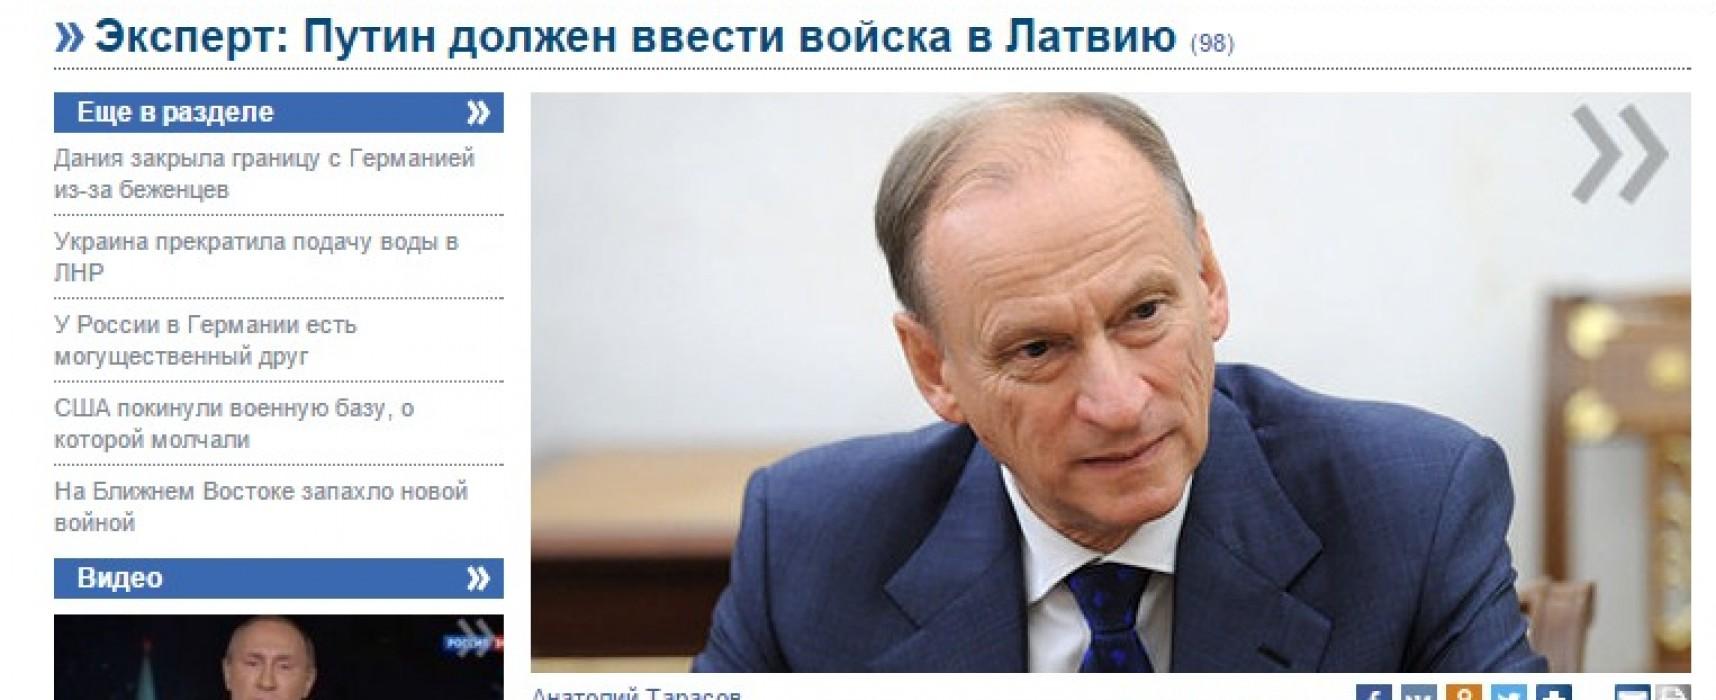 СМИ придумали интервью с секретарем Совбеза РФ